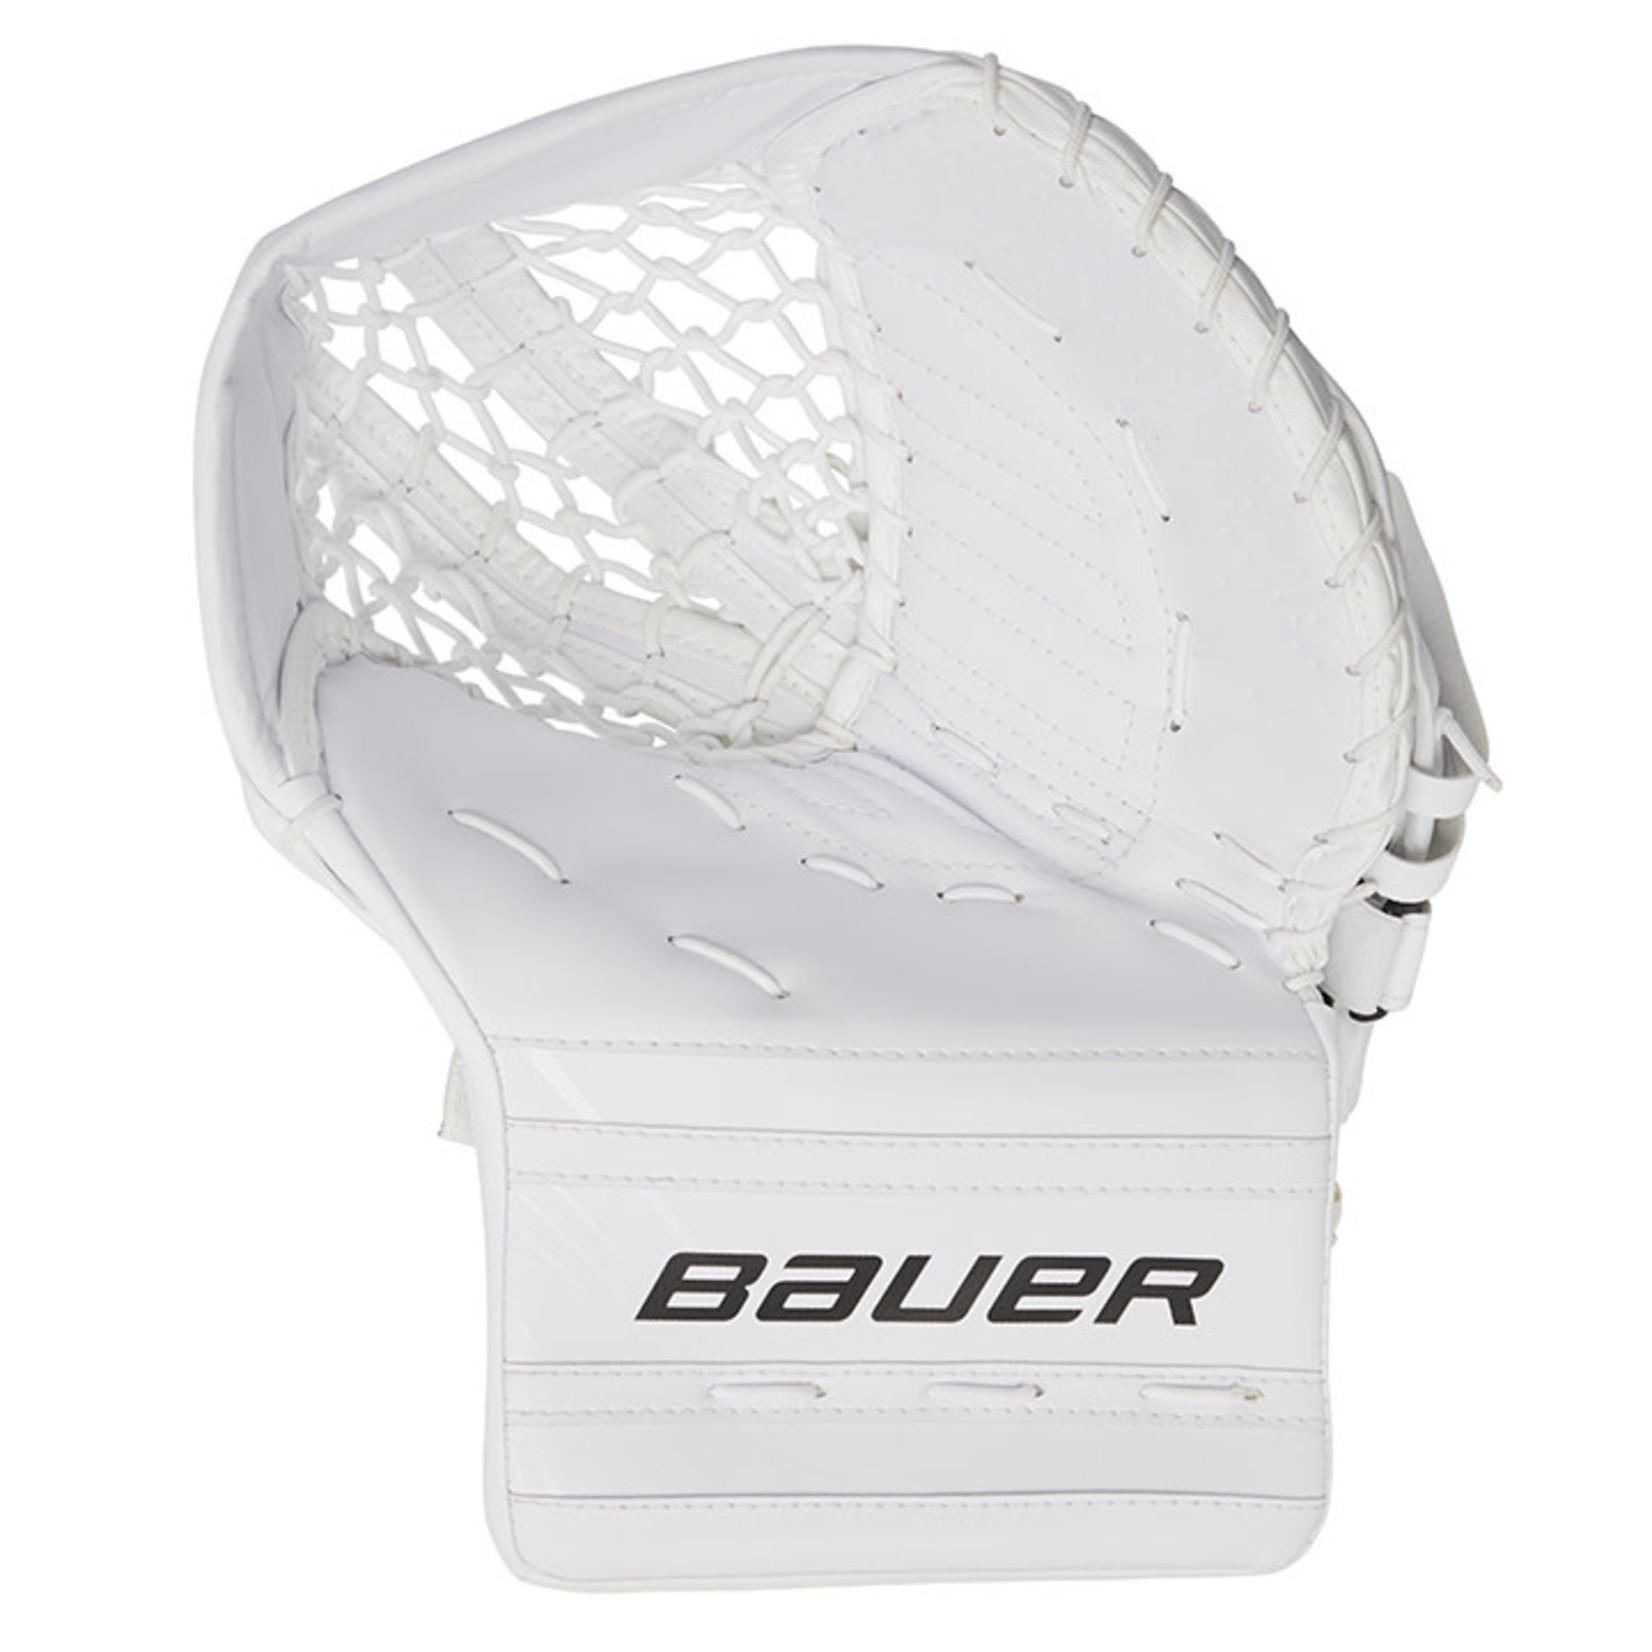 Bauer Bauer Hockey Goal Catcher, GSX, Senior